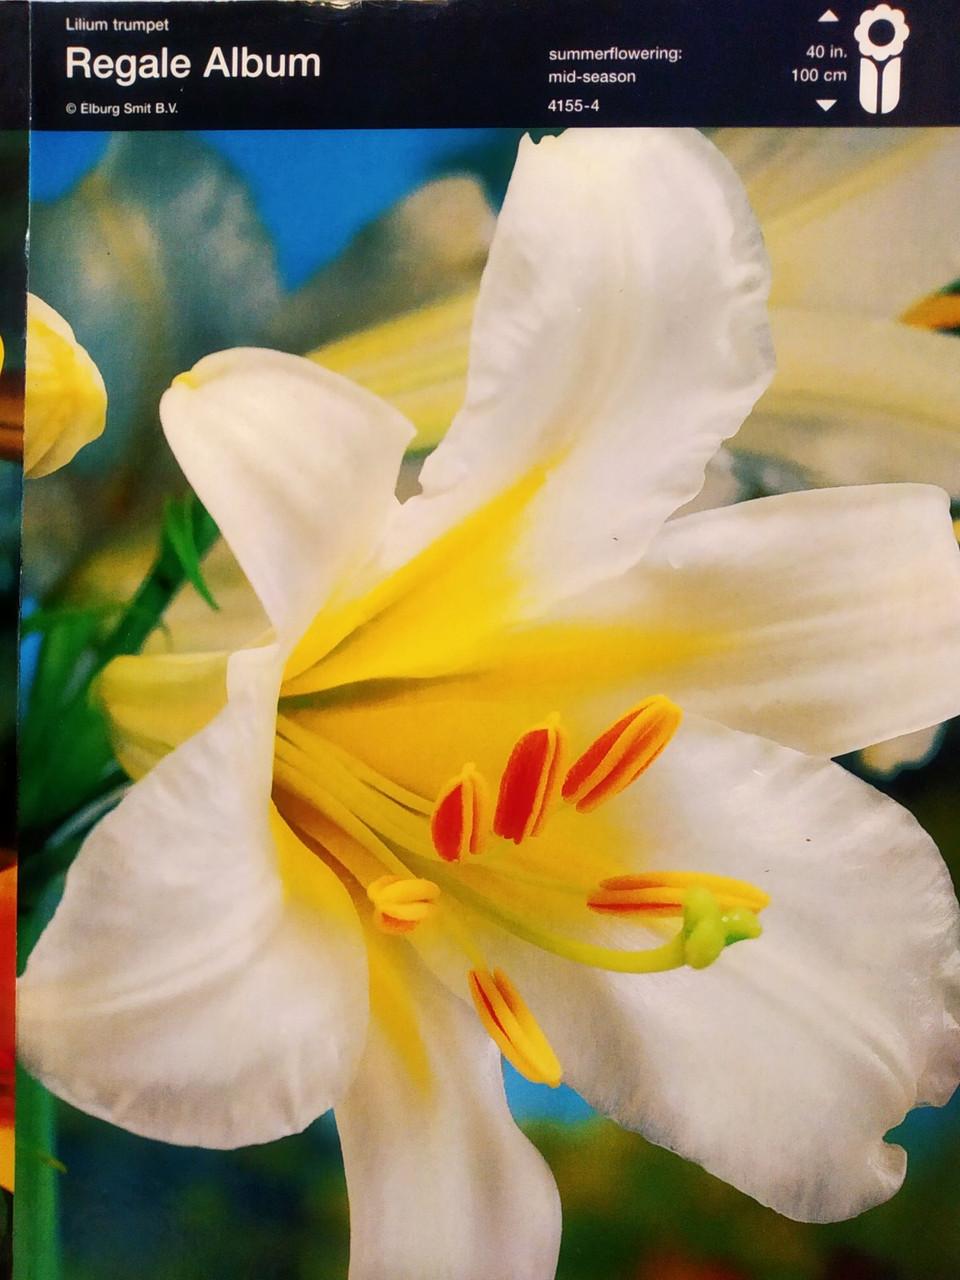 """Лилия трубчатая  белая Lilium trumpet Regale Album, 1 шт оригинал маточник, """"Junior"""", Голландия"""